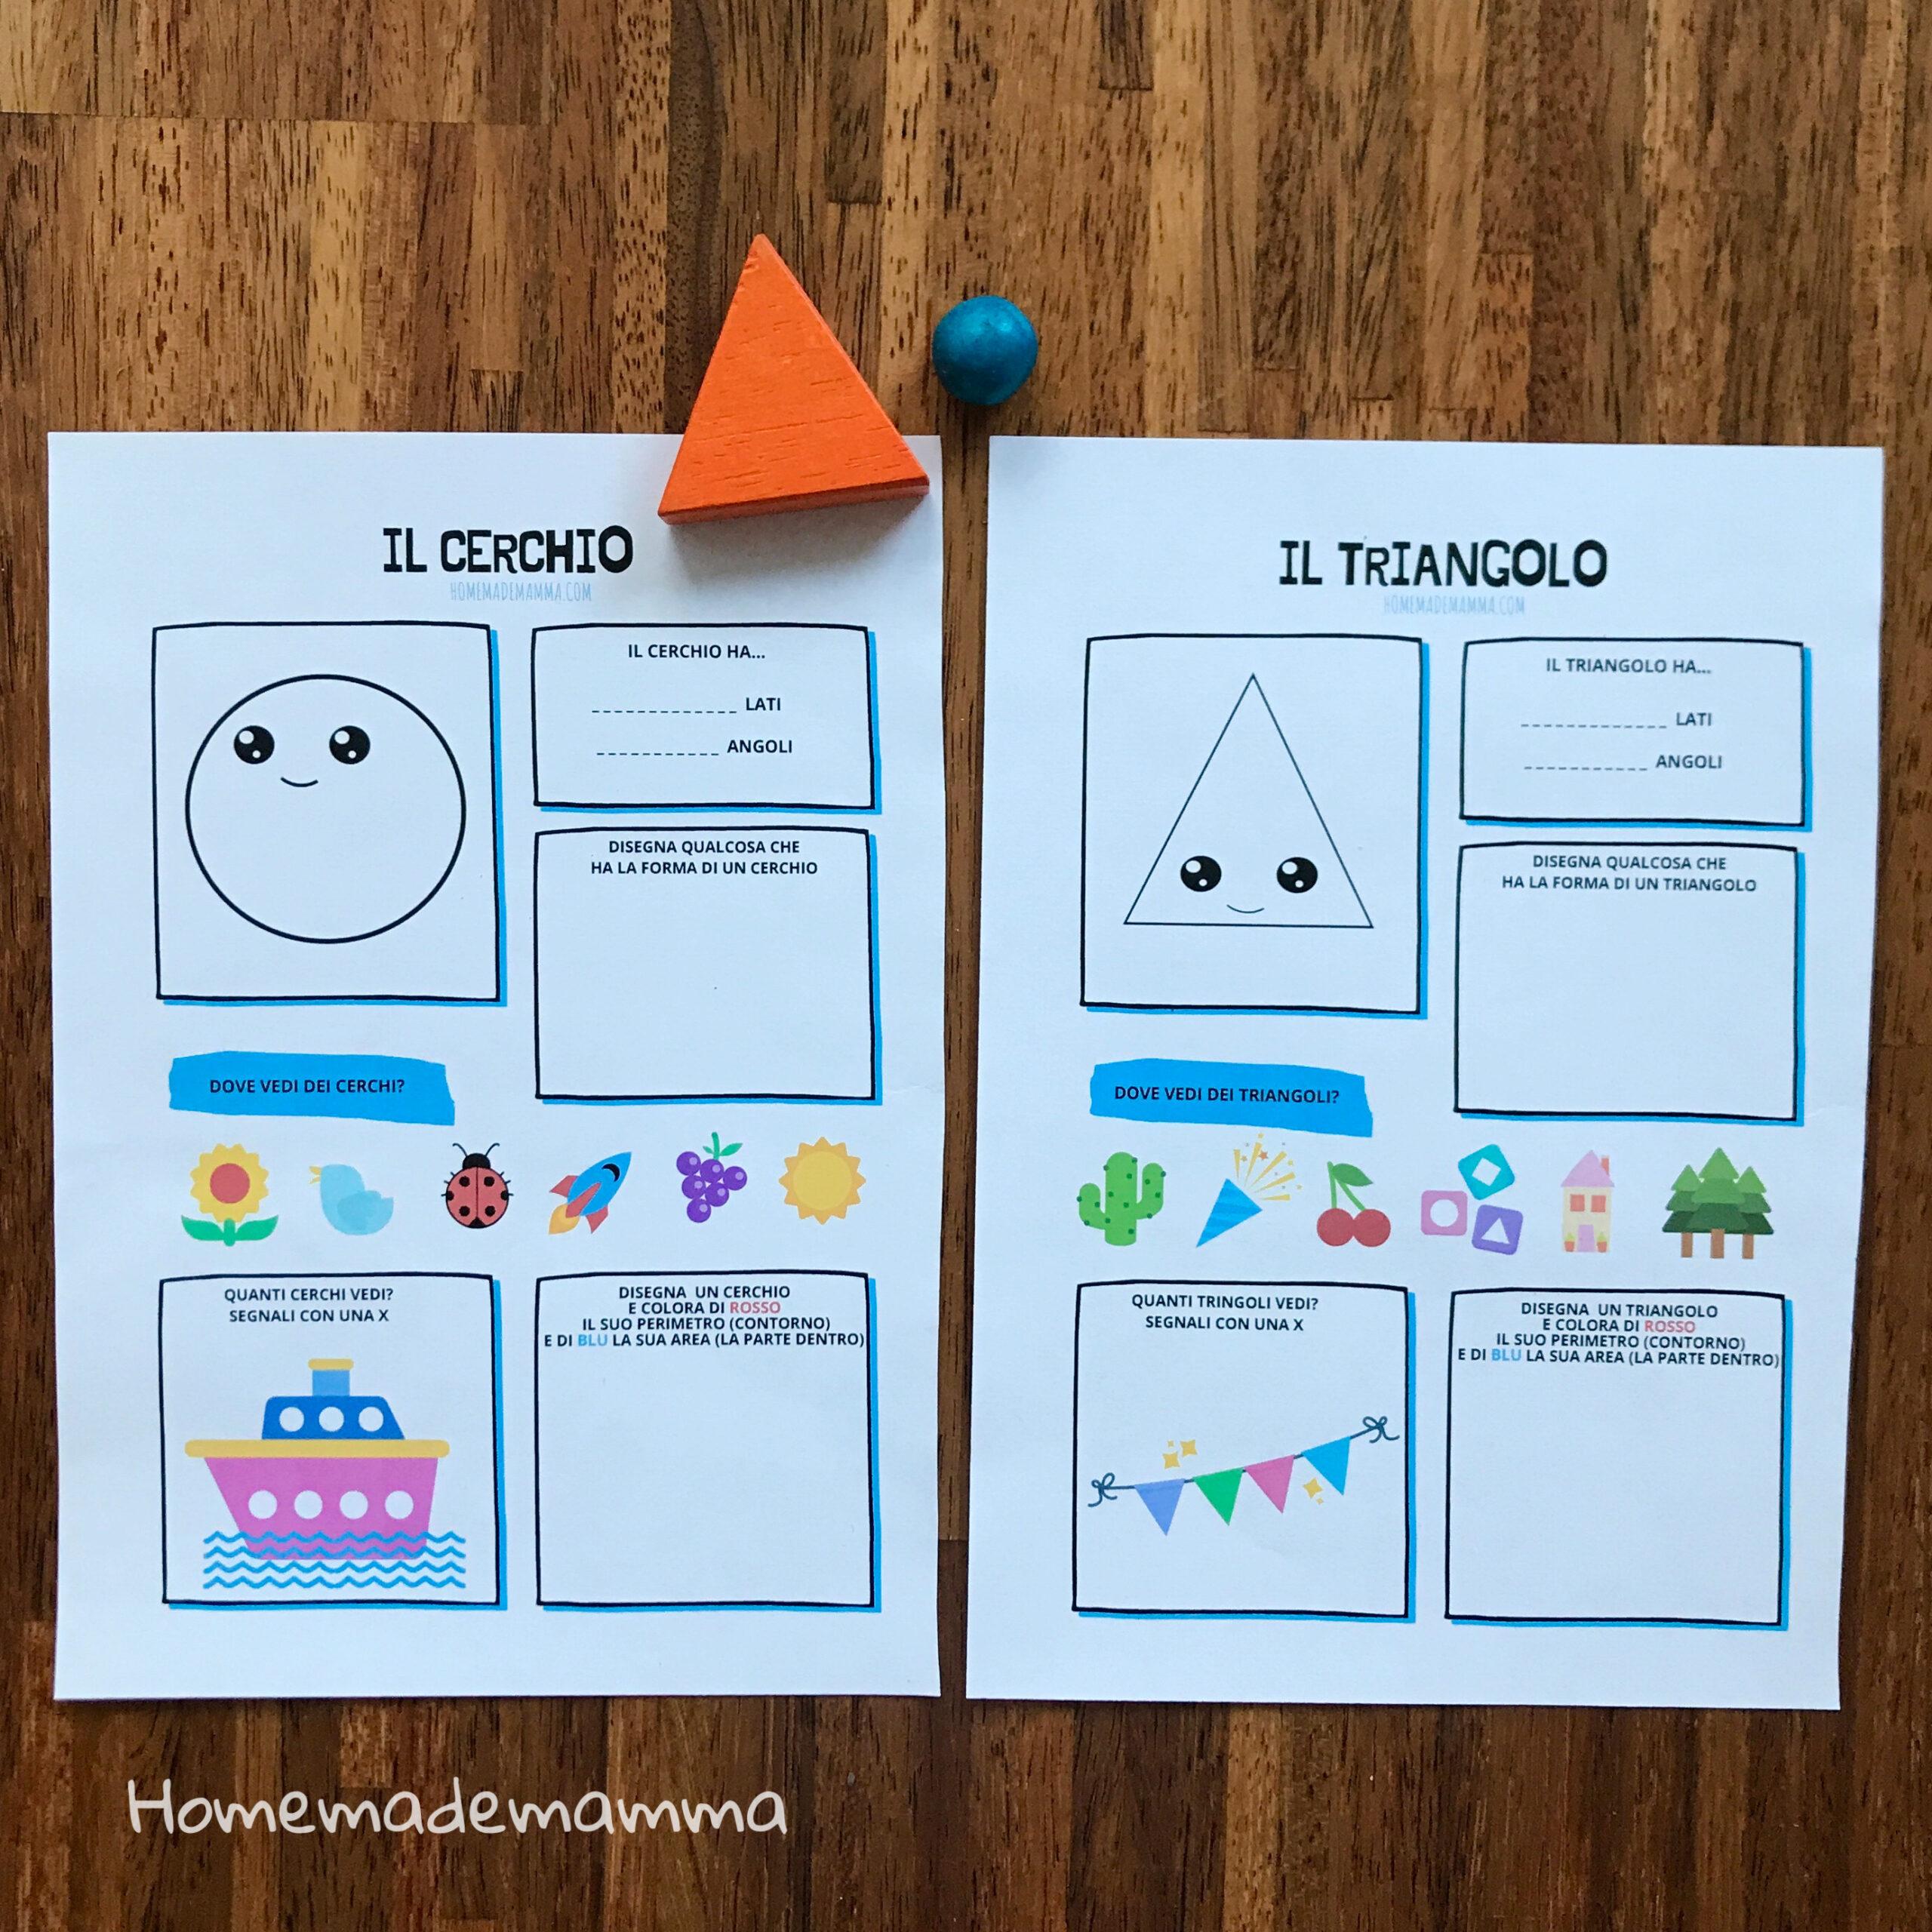 schede forme da stampare scuola bambini